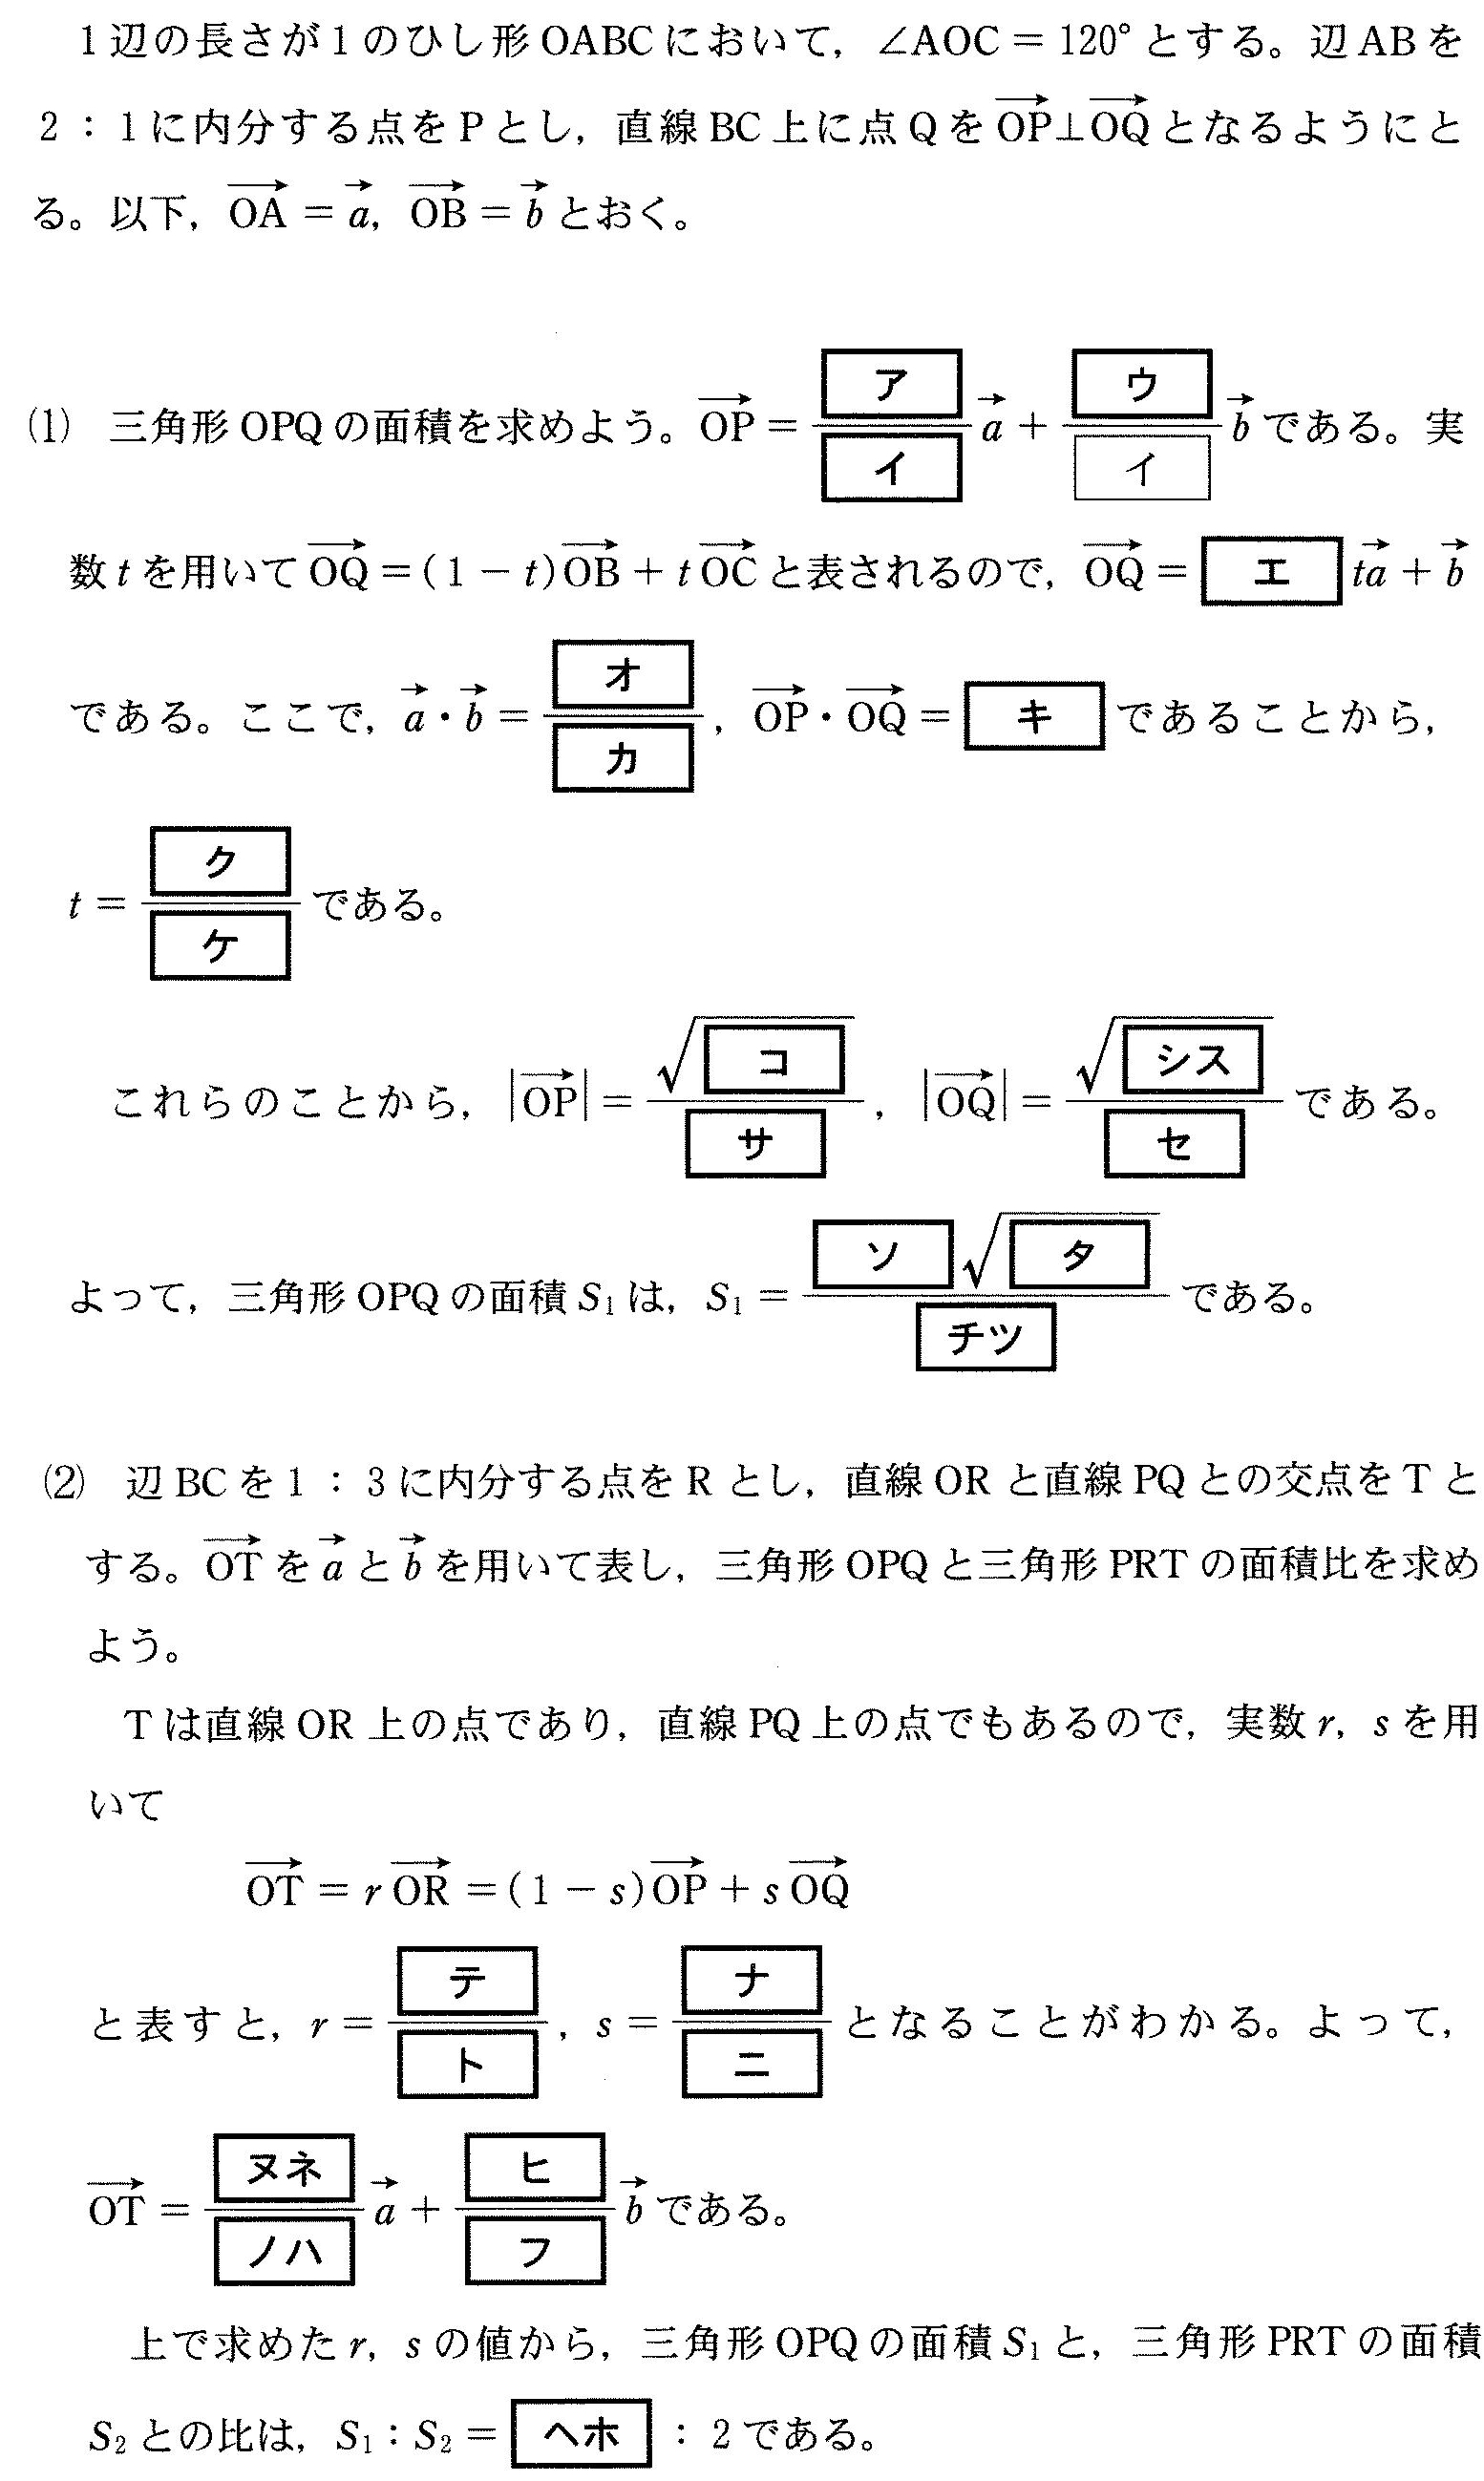 問題2B4